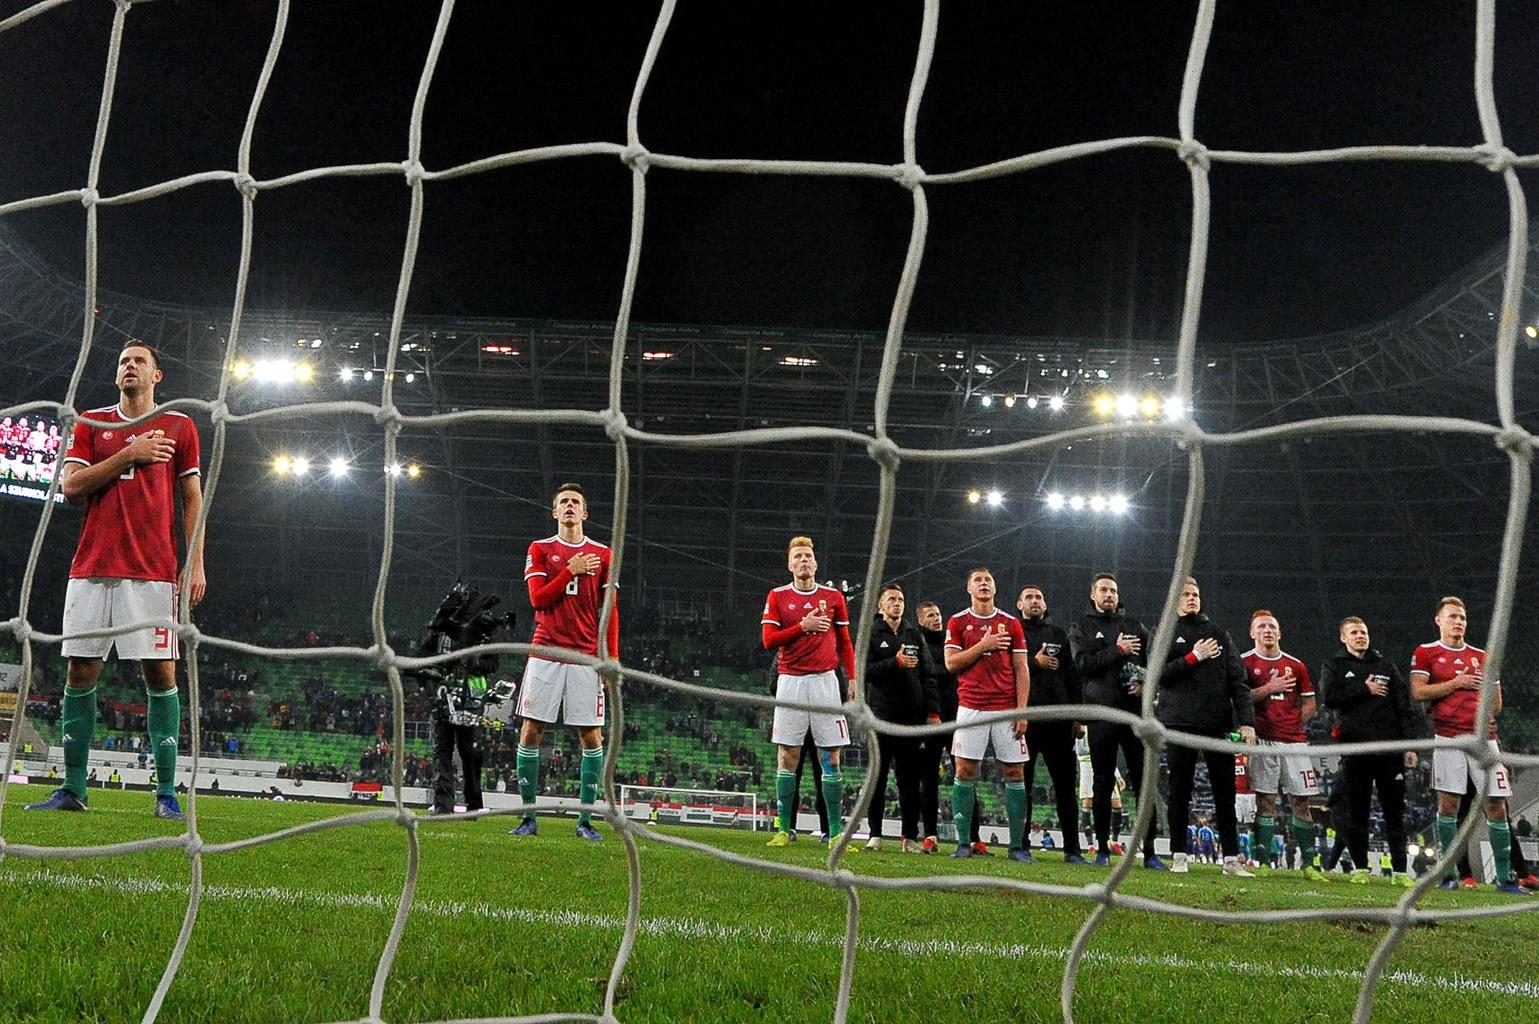 A magyar válogatott a 2018-as Nemzetek Ligája Finnország elleni mérkőzése előtt a himnuszt hallgatja #moszkvater